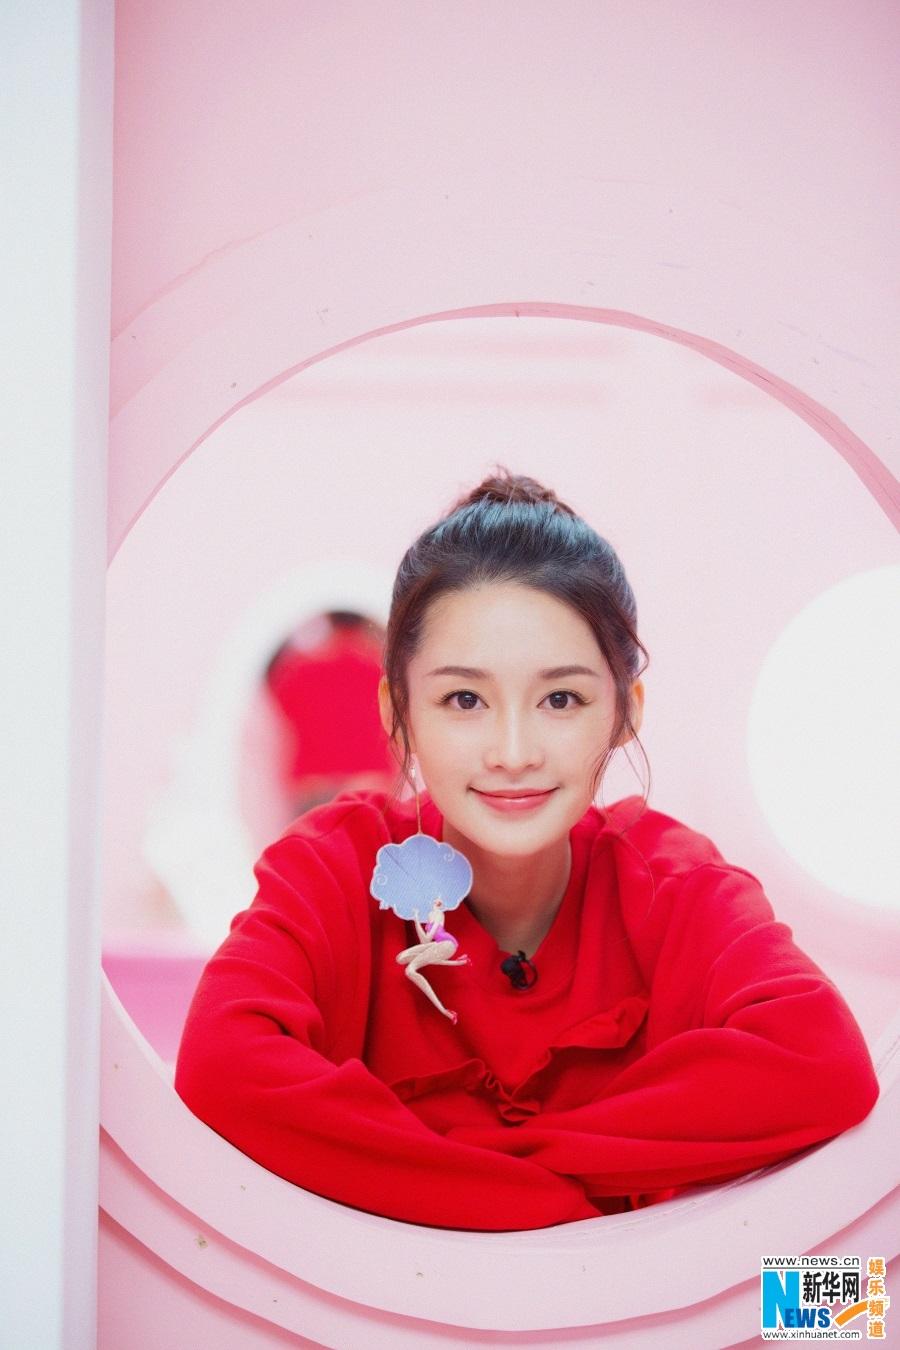 李沁甜美亮相综艺节目 古灵精怪满满少女力